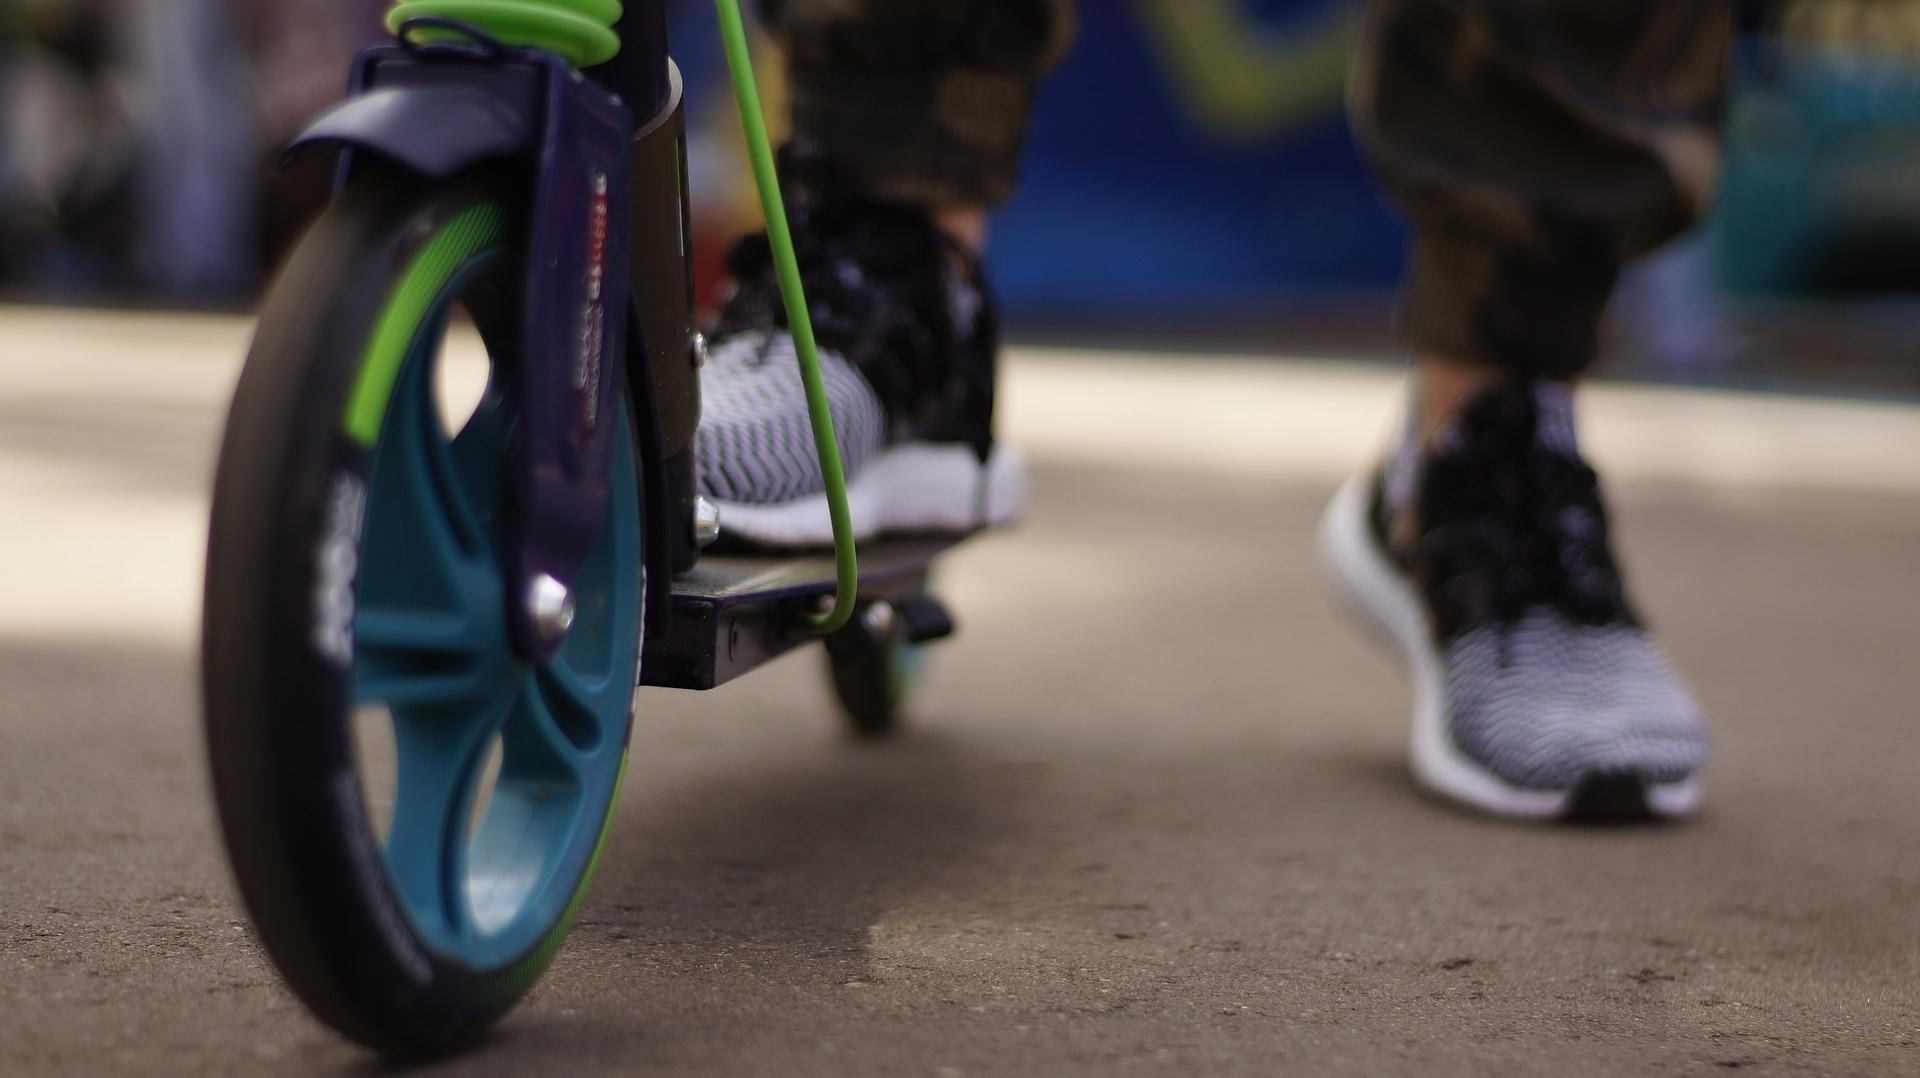 Elektroscooter sind vielseitig einsetzbar und sind sich ideal, um den Weg zur Arbeit oder zur Schule schnell und bequem zurück zulegen